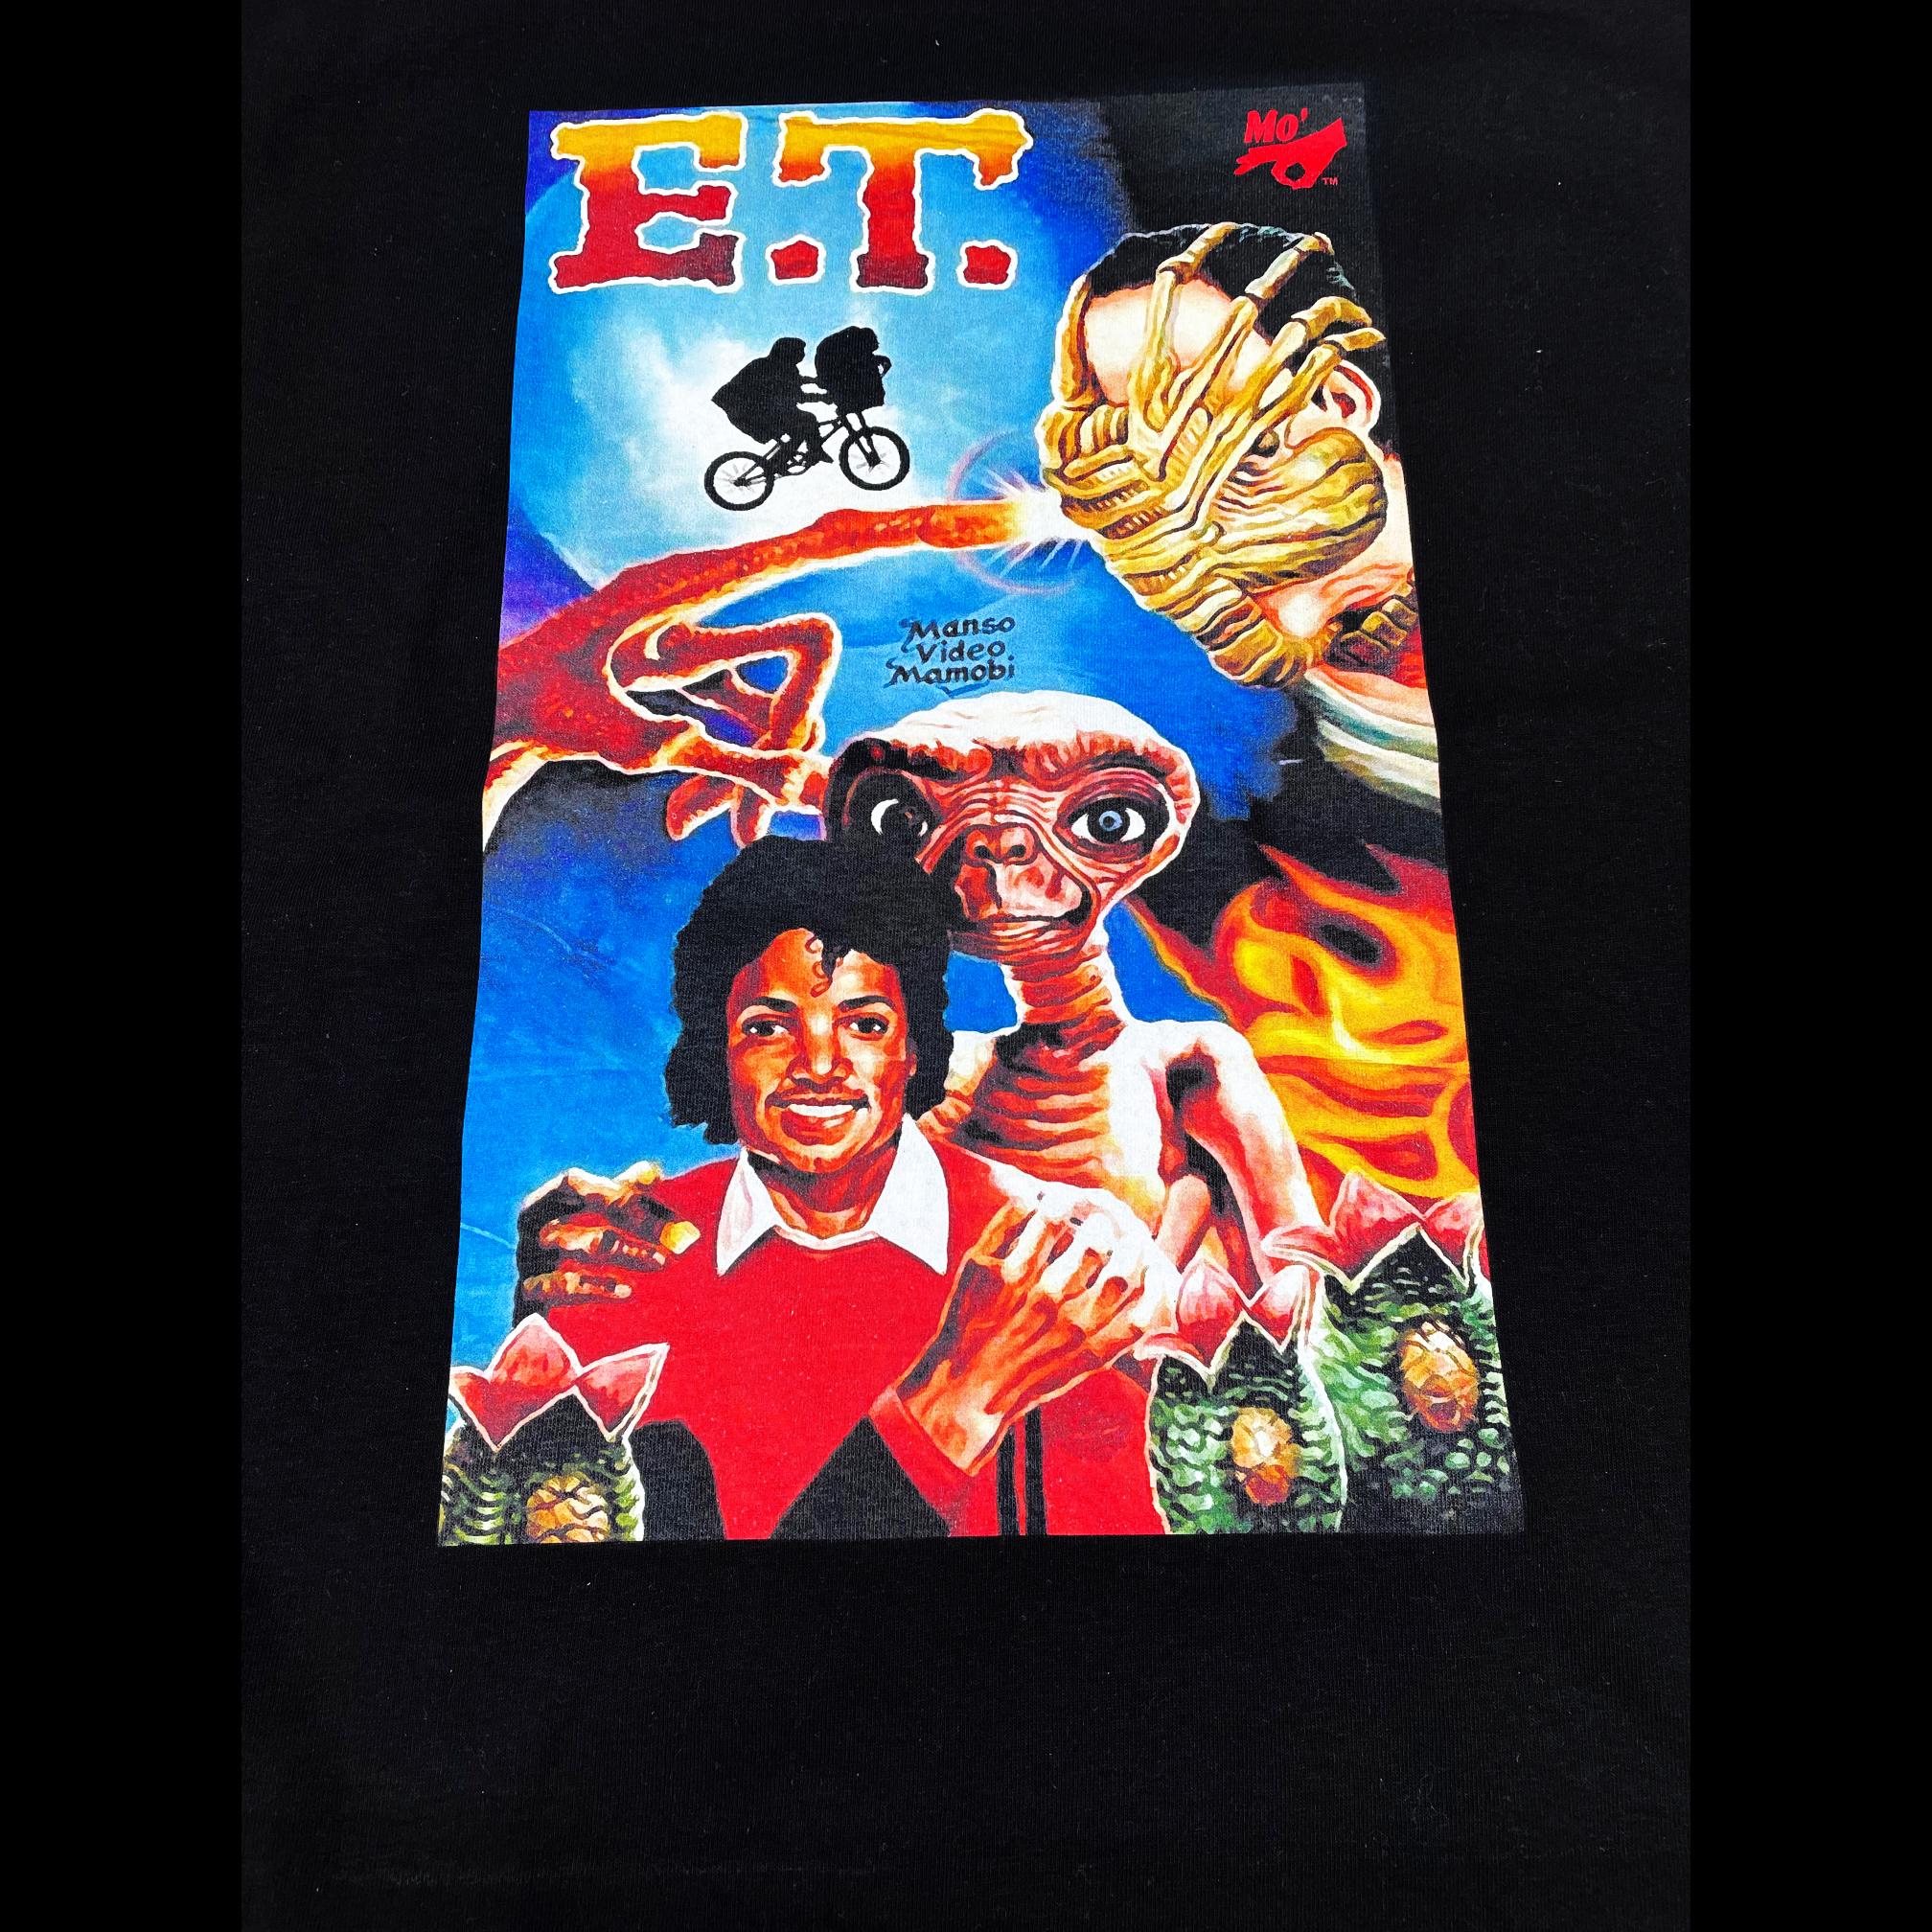 MO' E.T.? TEE